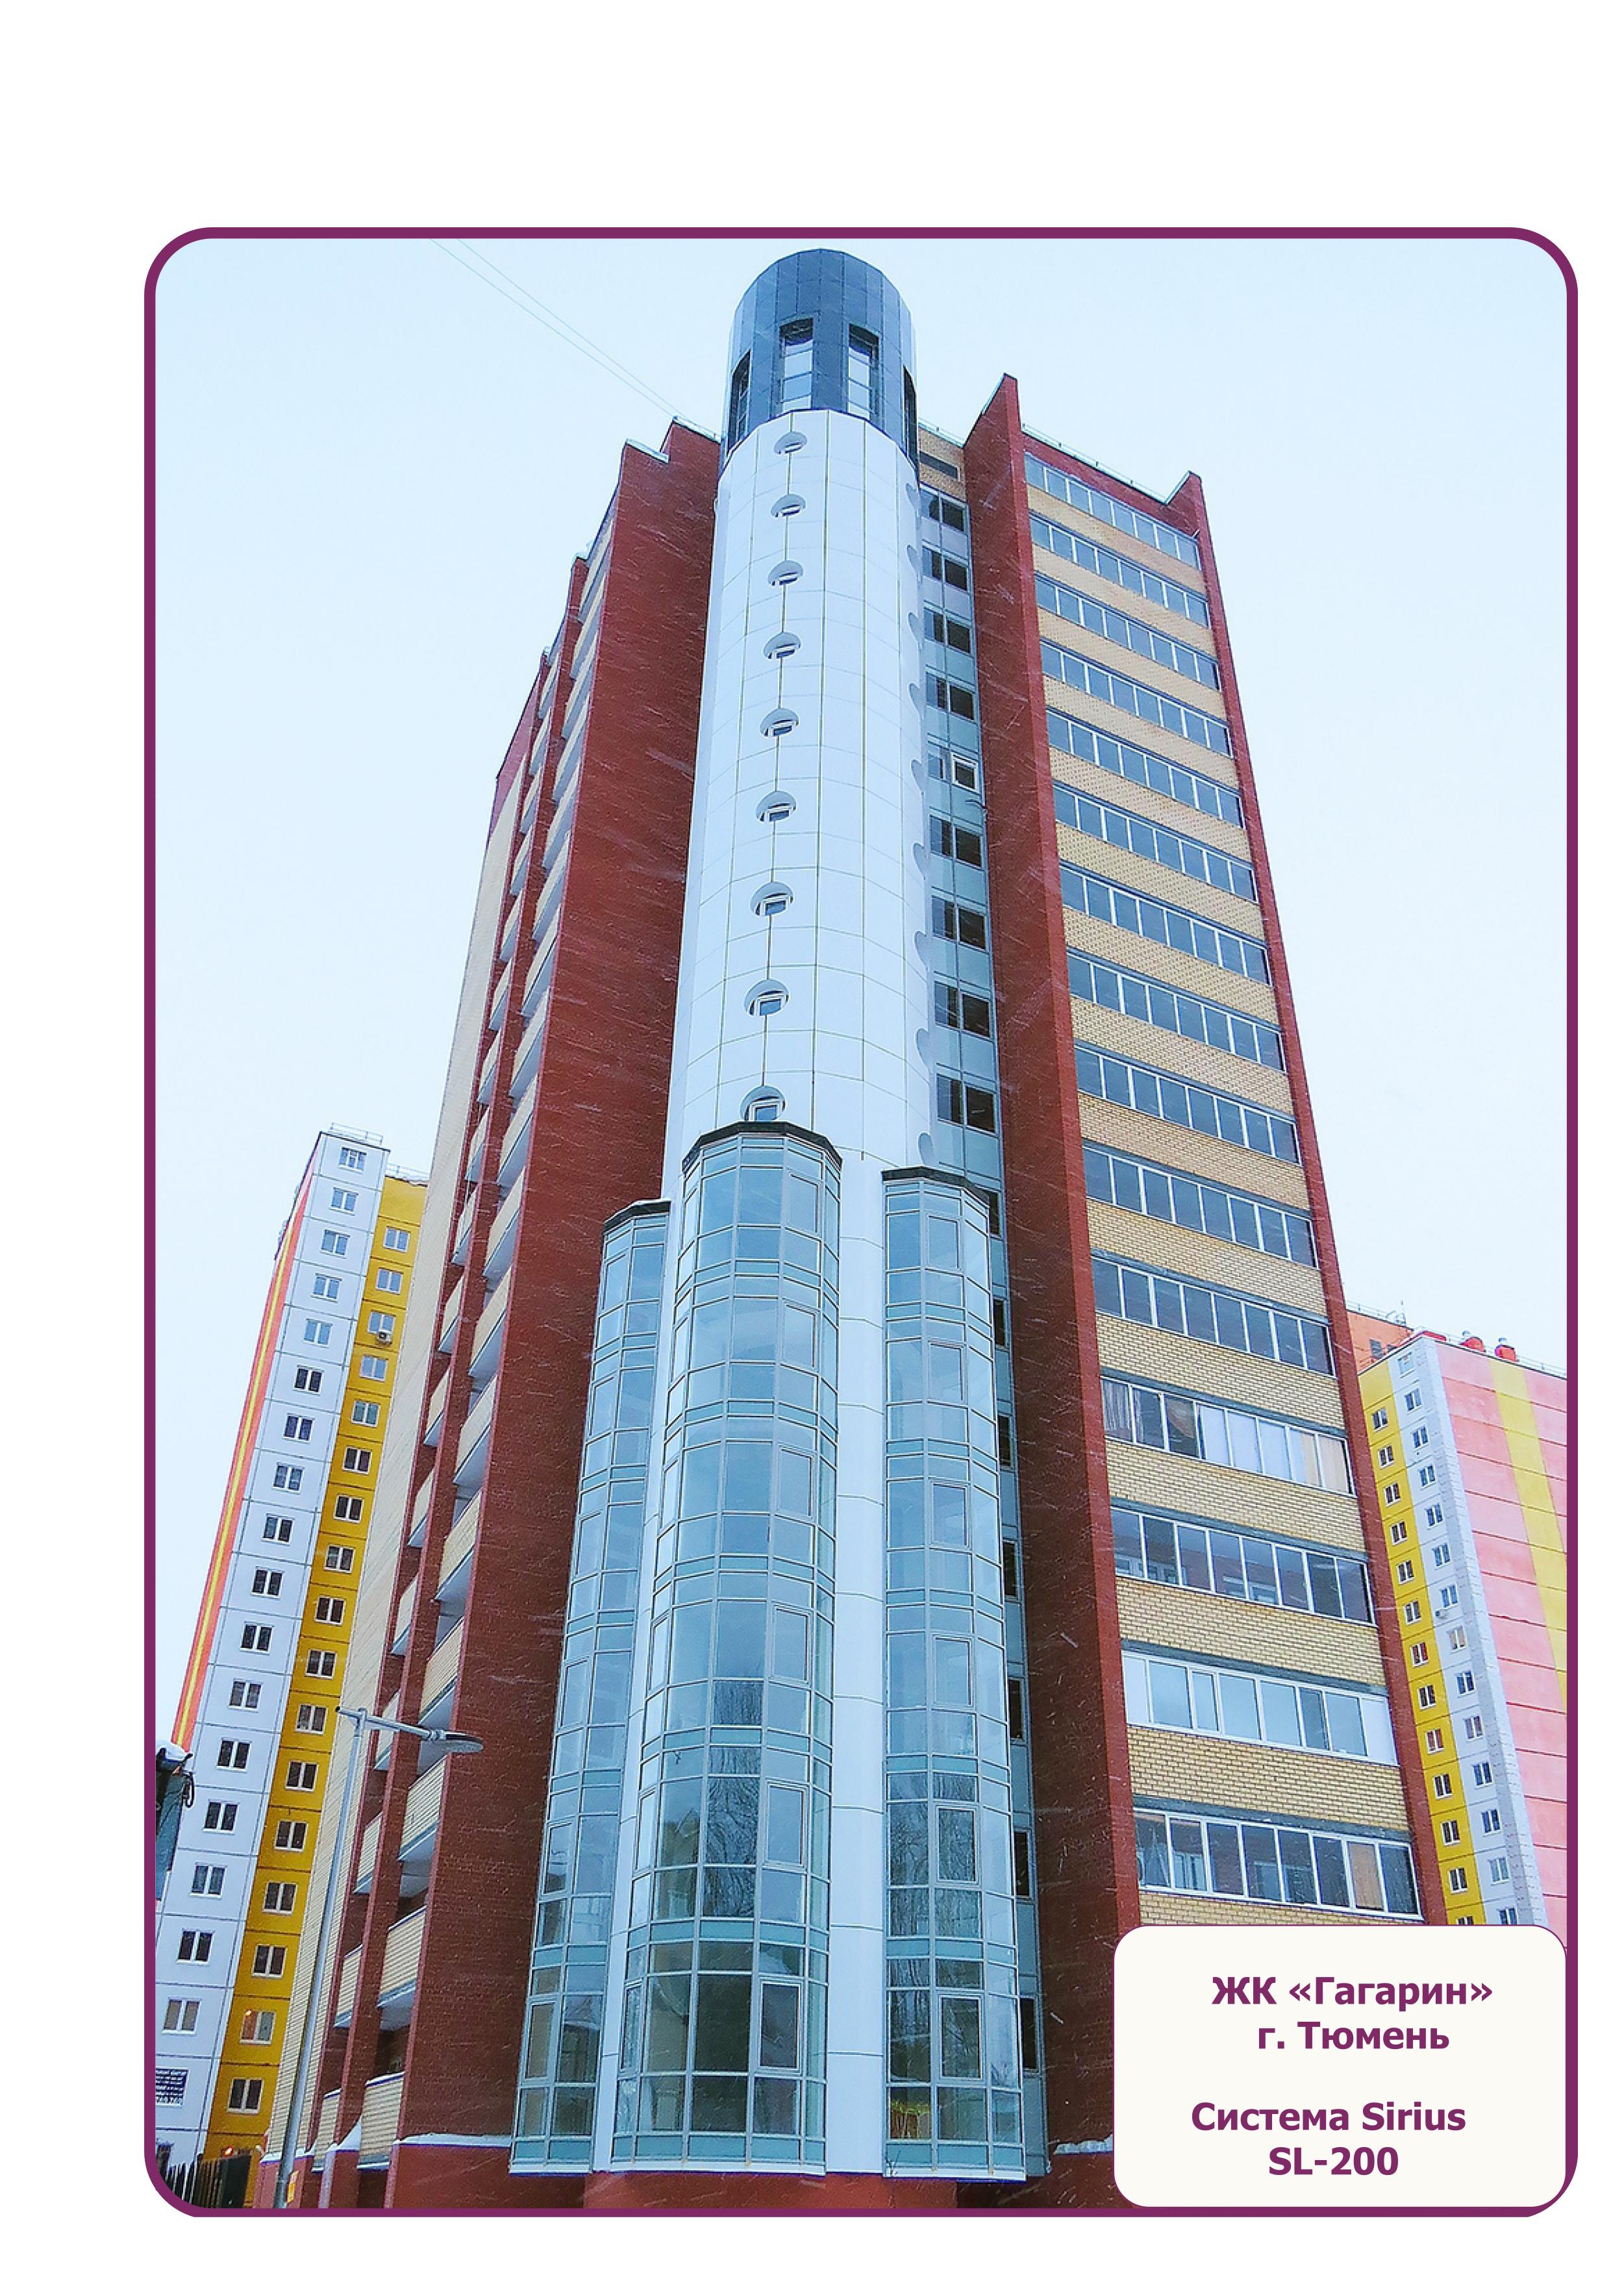 ЖК Гагарин г. Тюмень Фасад объекта облицован на алюминиевой подсистеме SIRIUS SL-200 - композитные панели,  усиленный Y-профиль